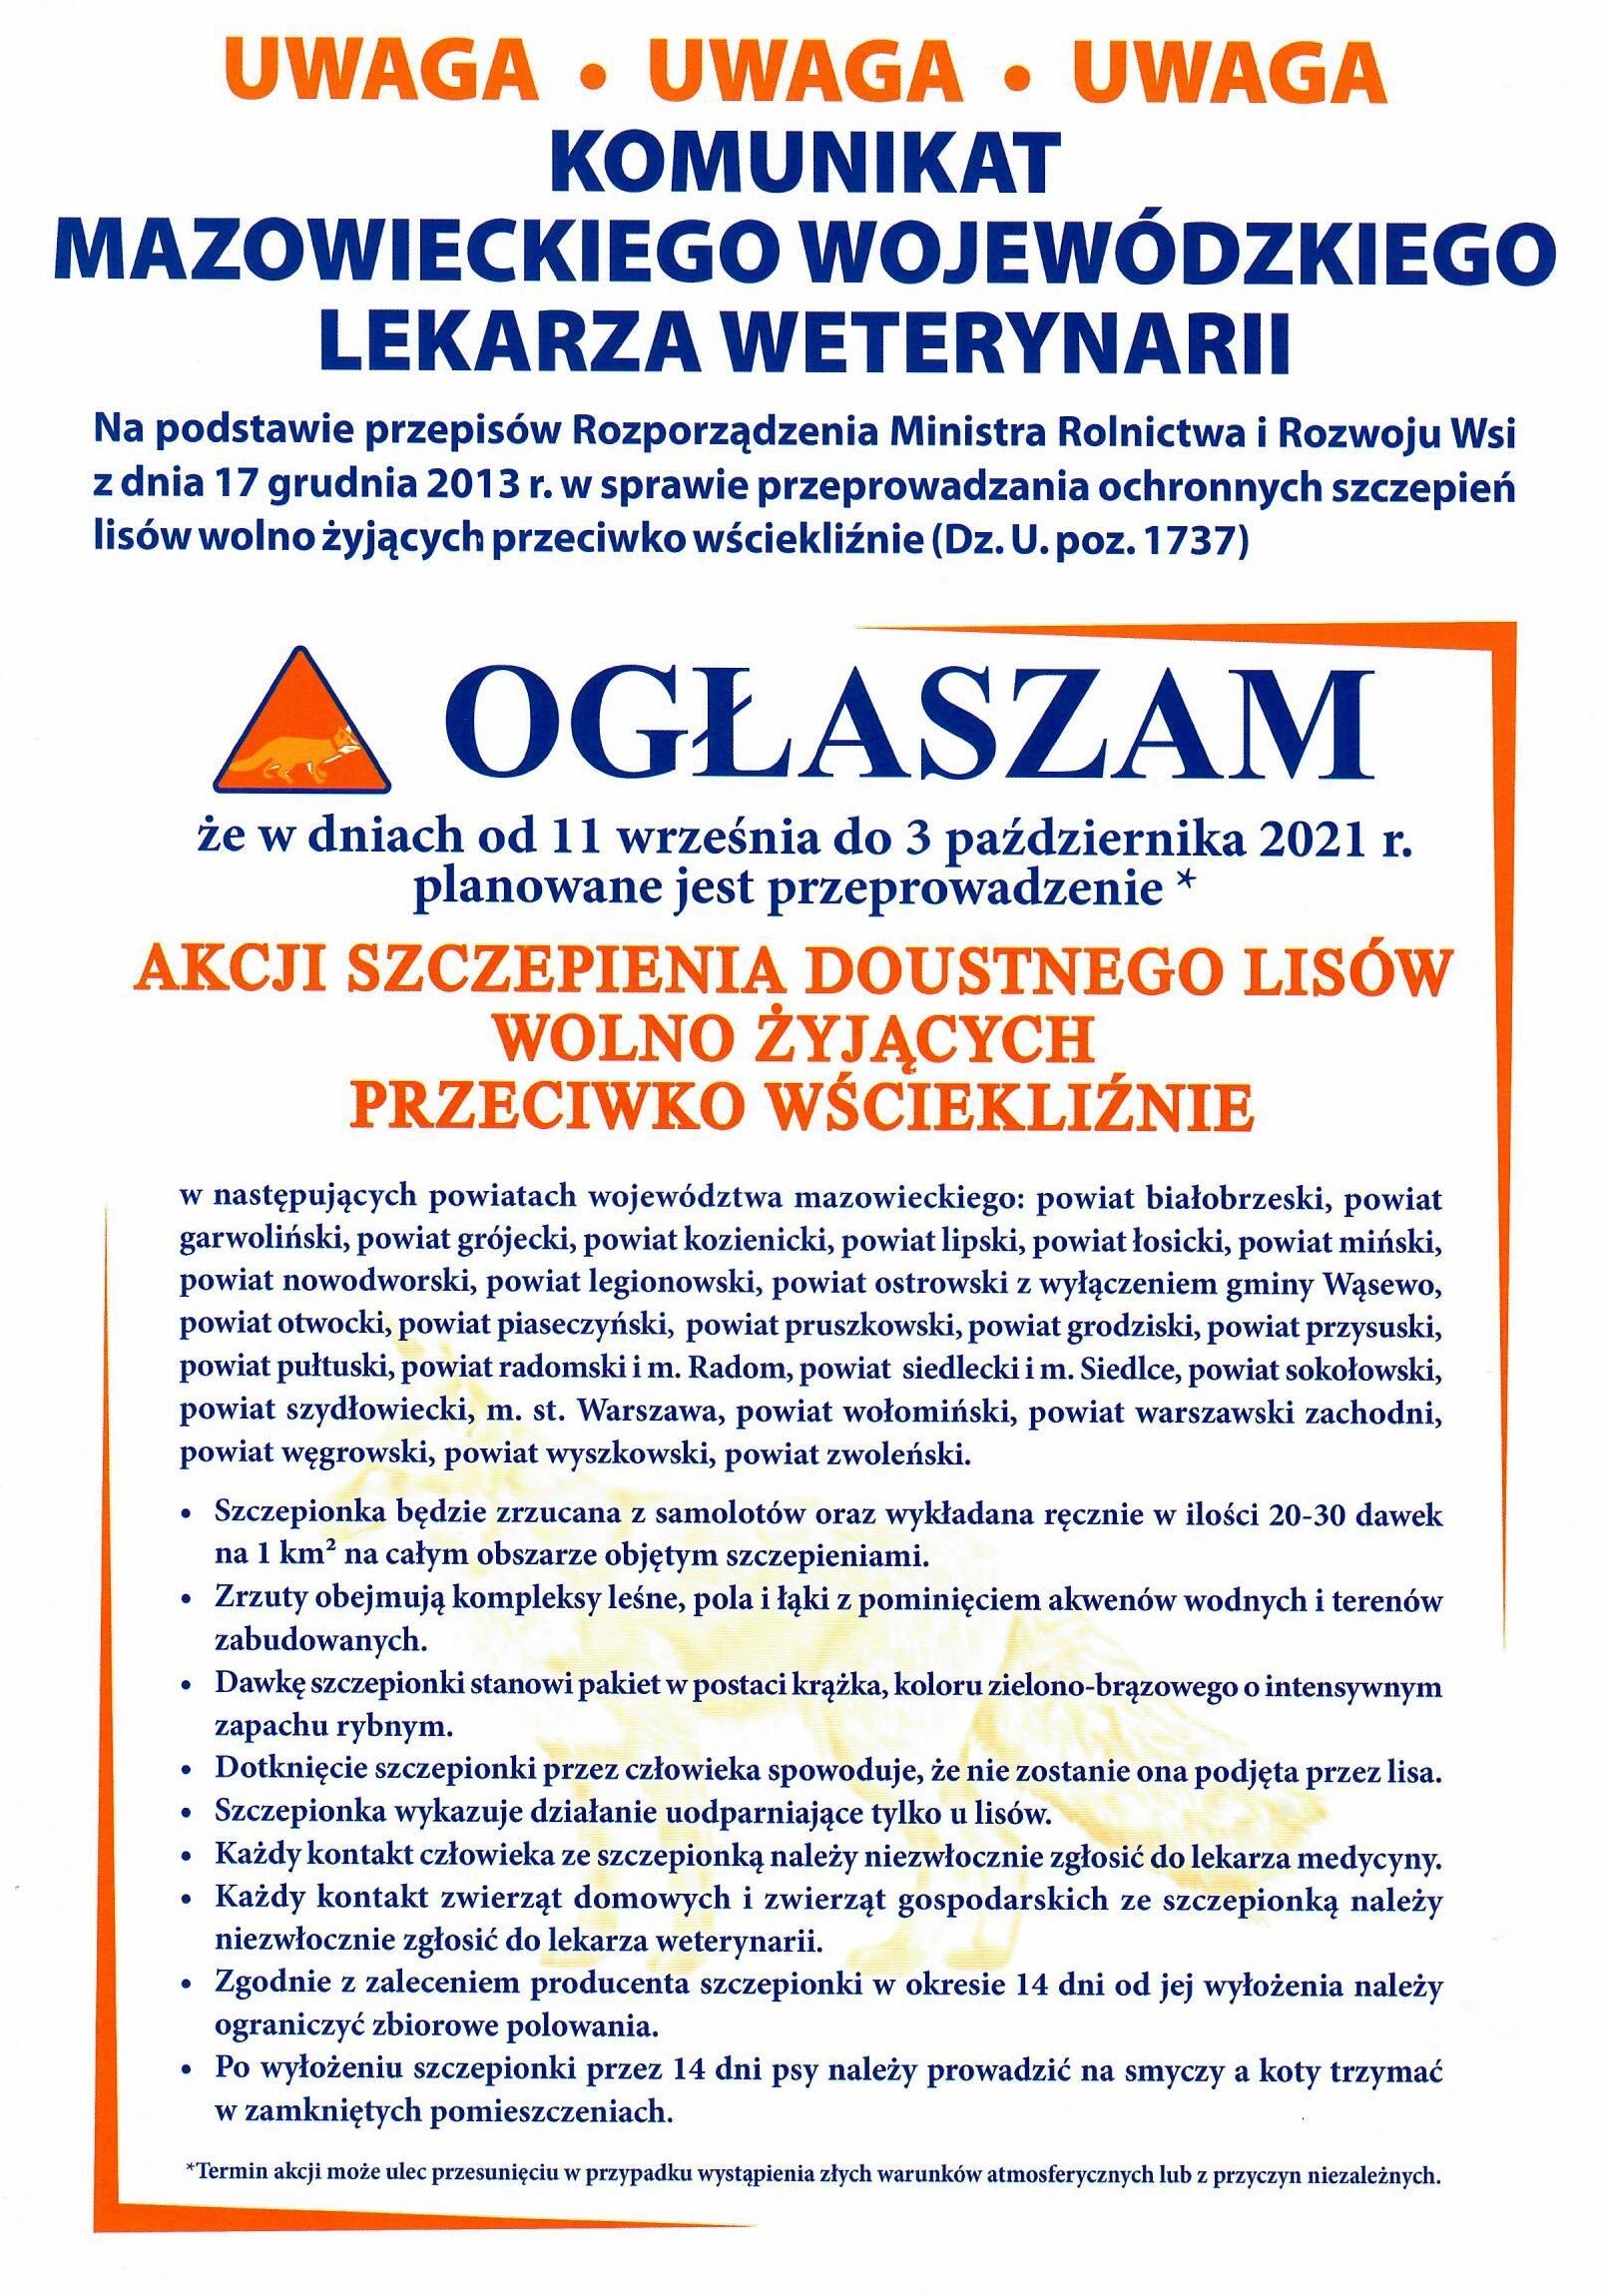 Ulotka informująca o szczepieniach doustnych lisów na terenie Gminy Wiązowna od 11 września do 3 października.